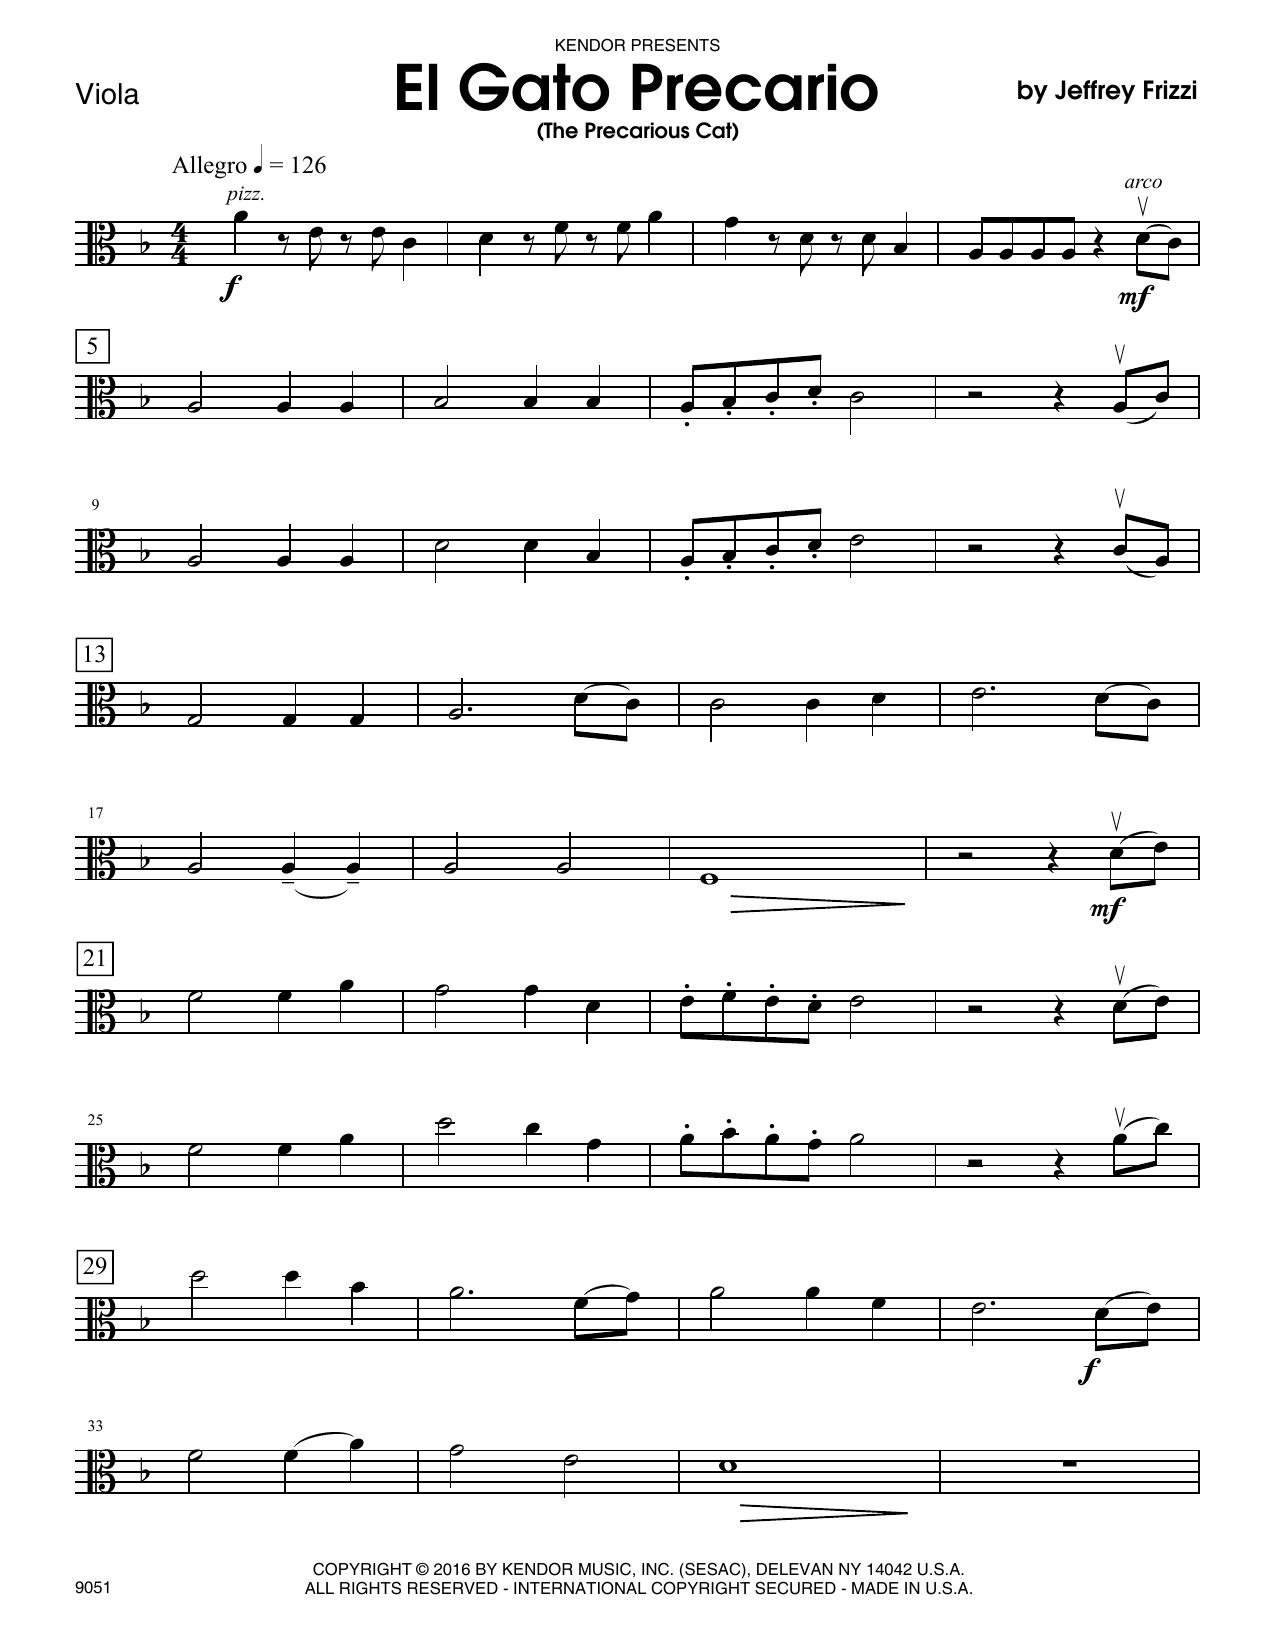 El Gato Precario (The Precarious Cat) - Viola Sheet Music